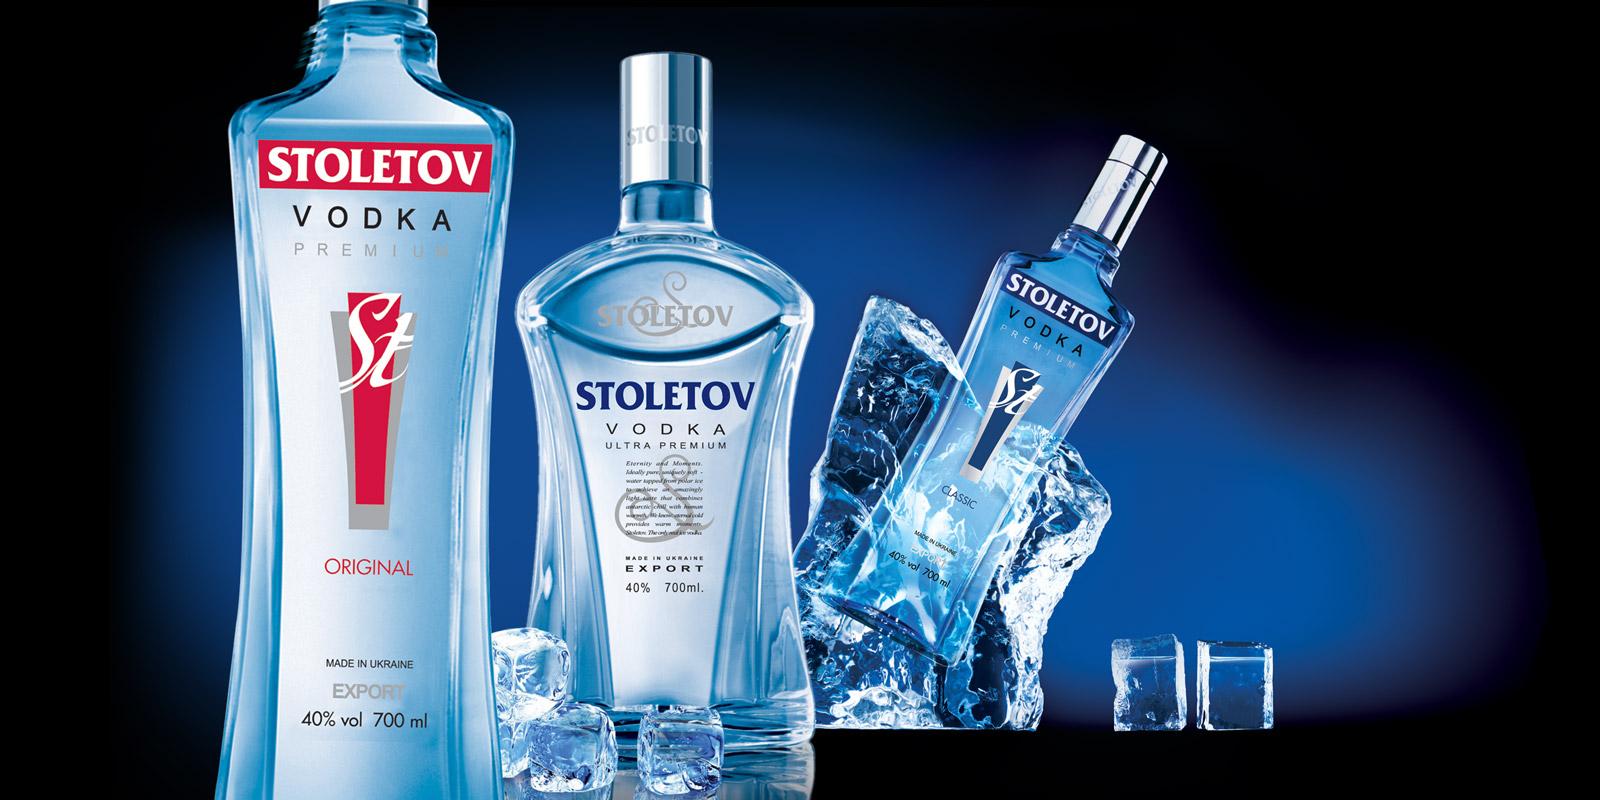 TM Stoletov;;;;;;Разработка оригинального дизайна бутылки и этикетки (водка);;;;;;<span>Клиент:</span> Корпорация «Алеф»;;;;;;;;;;;;Разработка оригинального дизайна бутылки и этикетки (водка);;;;;;2